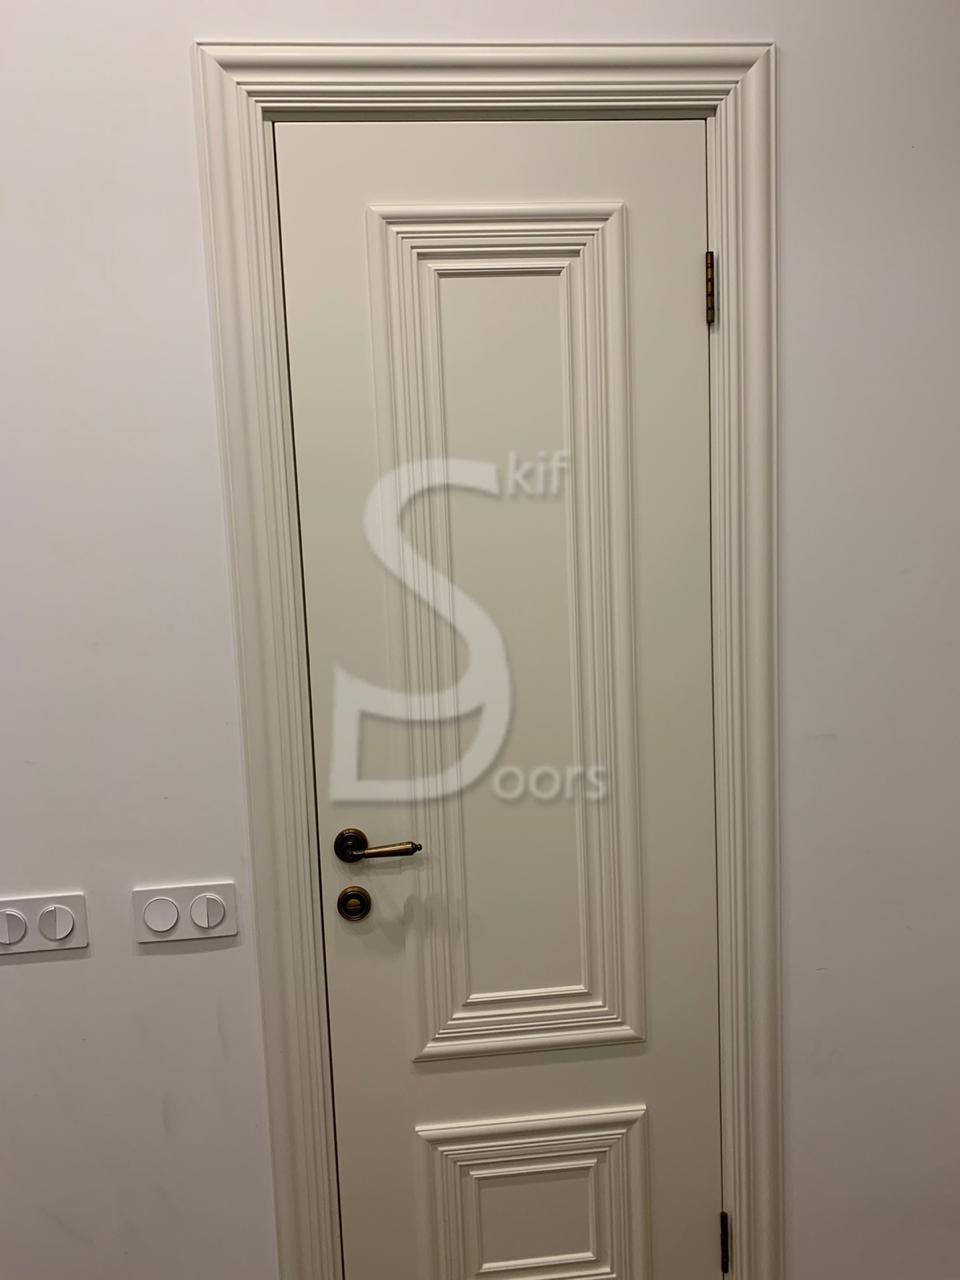 Doors 2019-2020 (10)